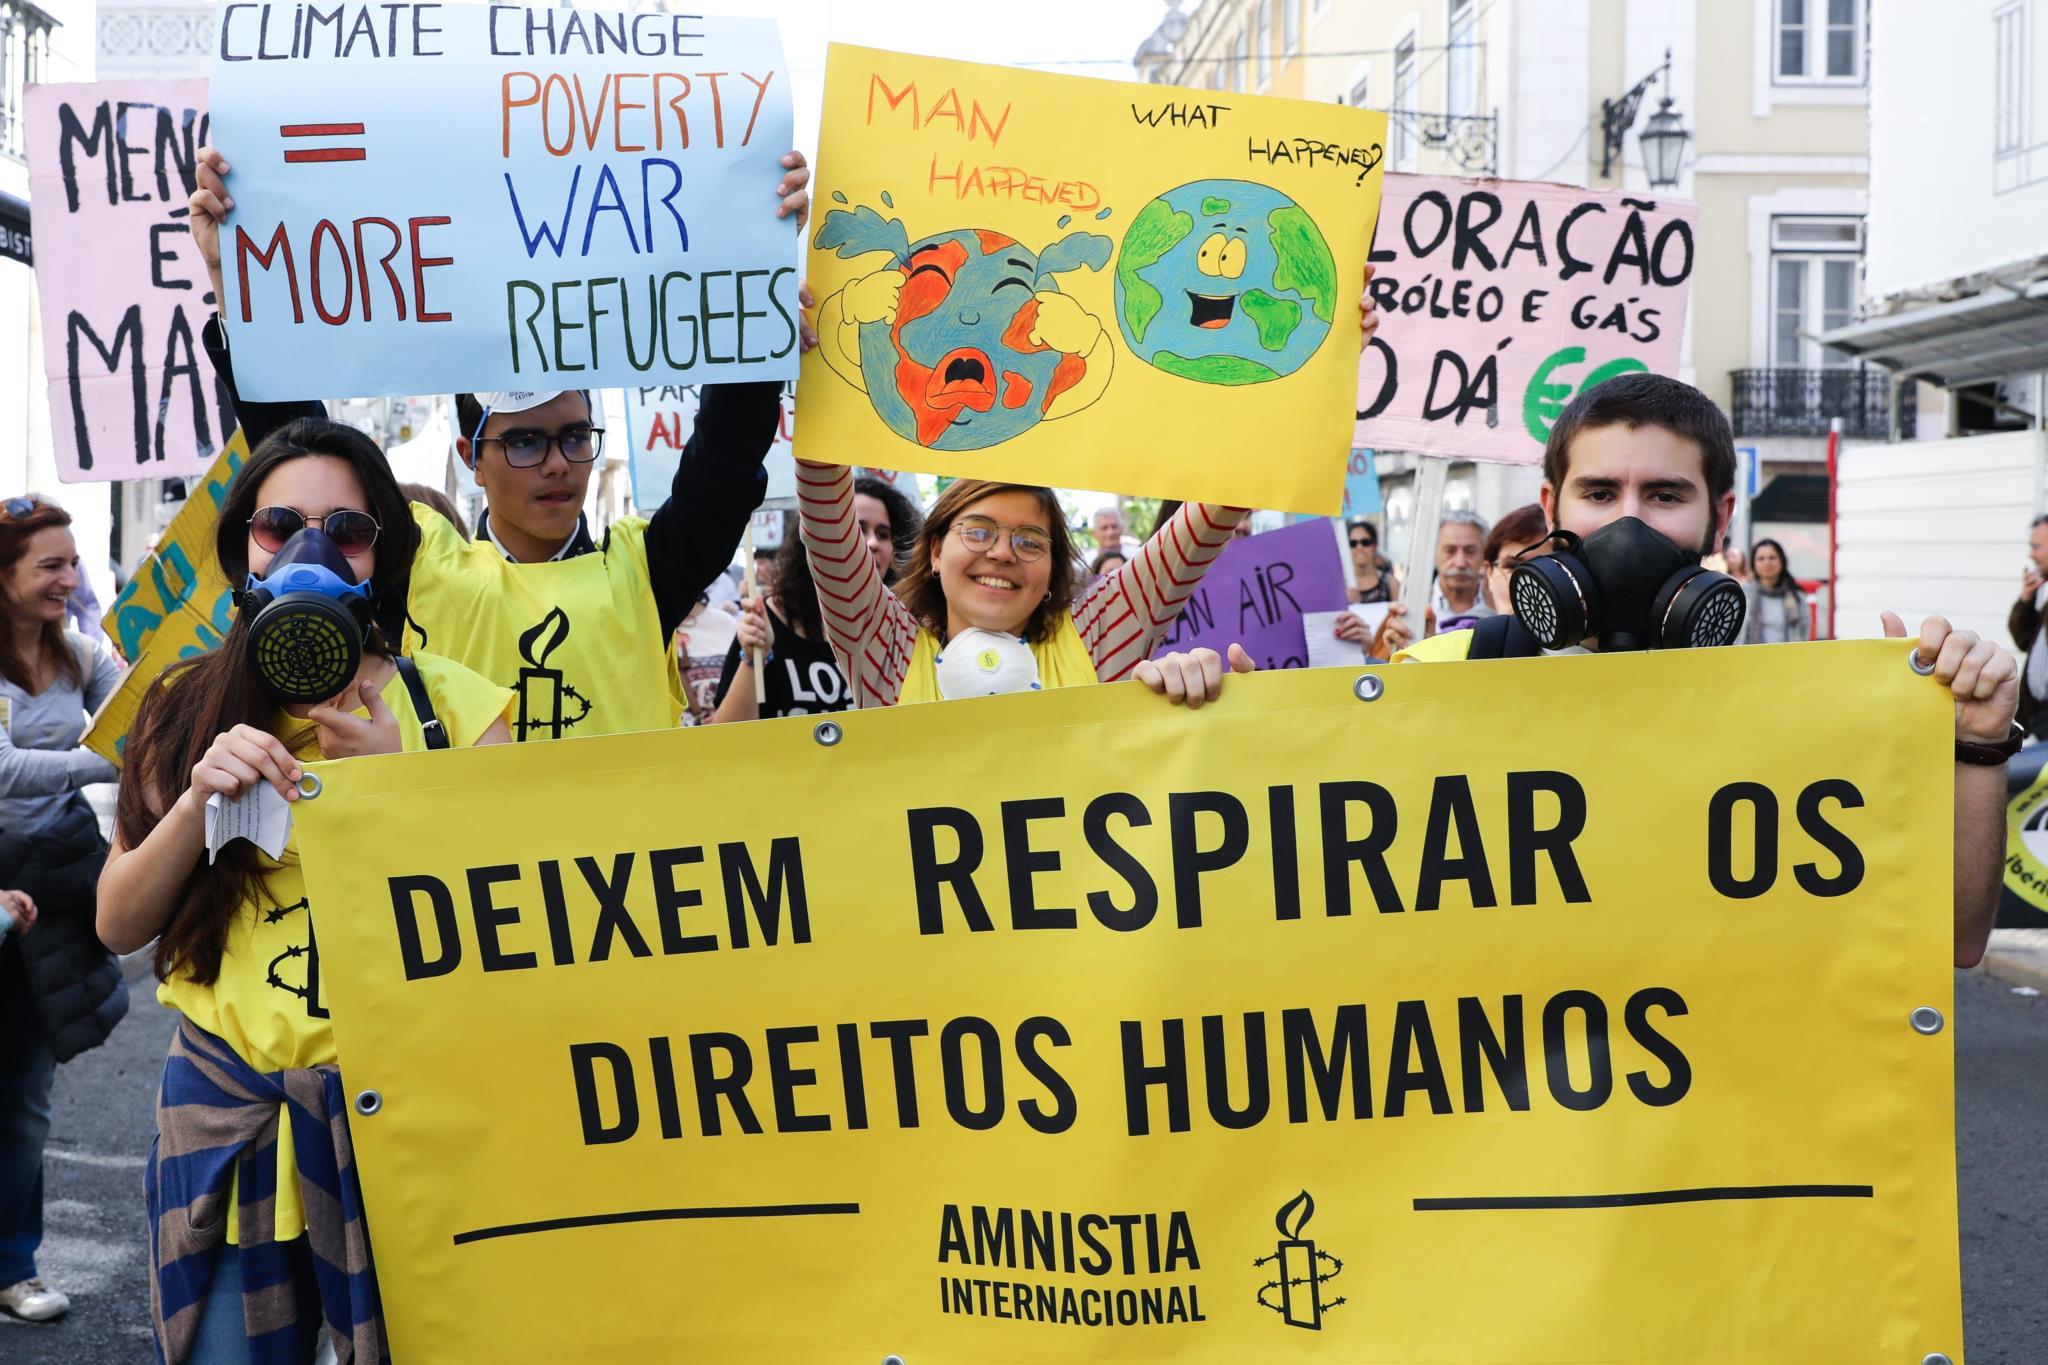 PÚBLICO - Marchar em defesa do clima e do ambiente